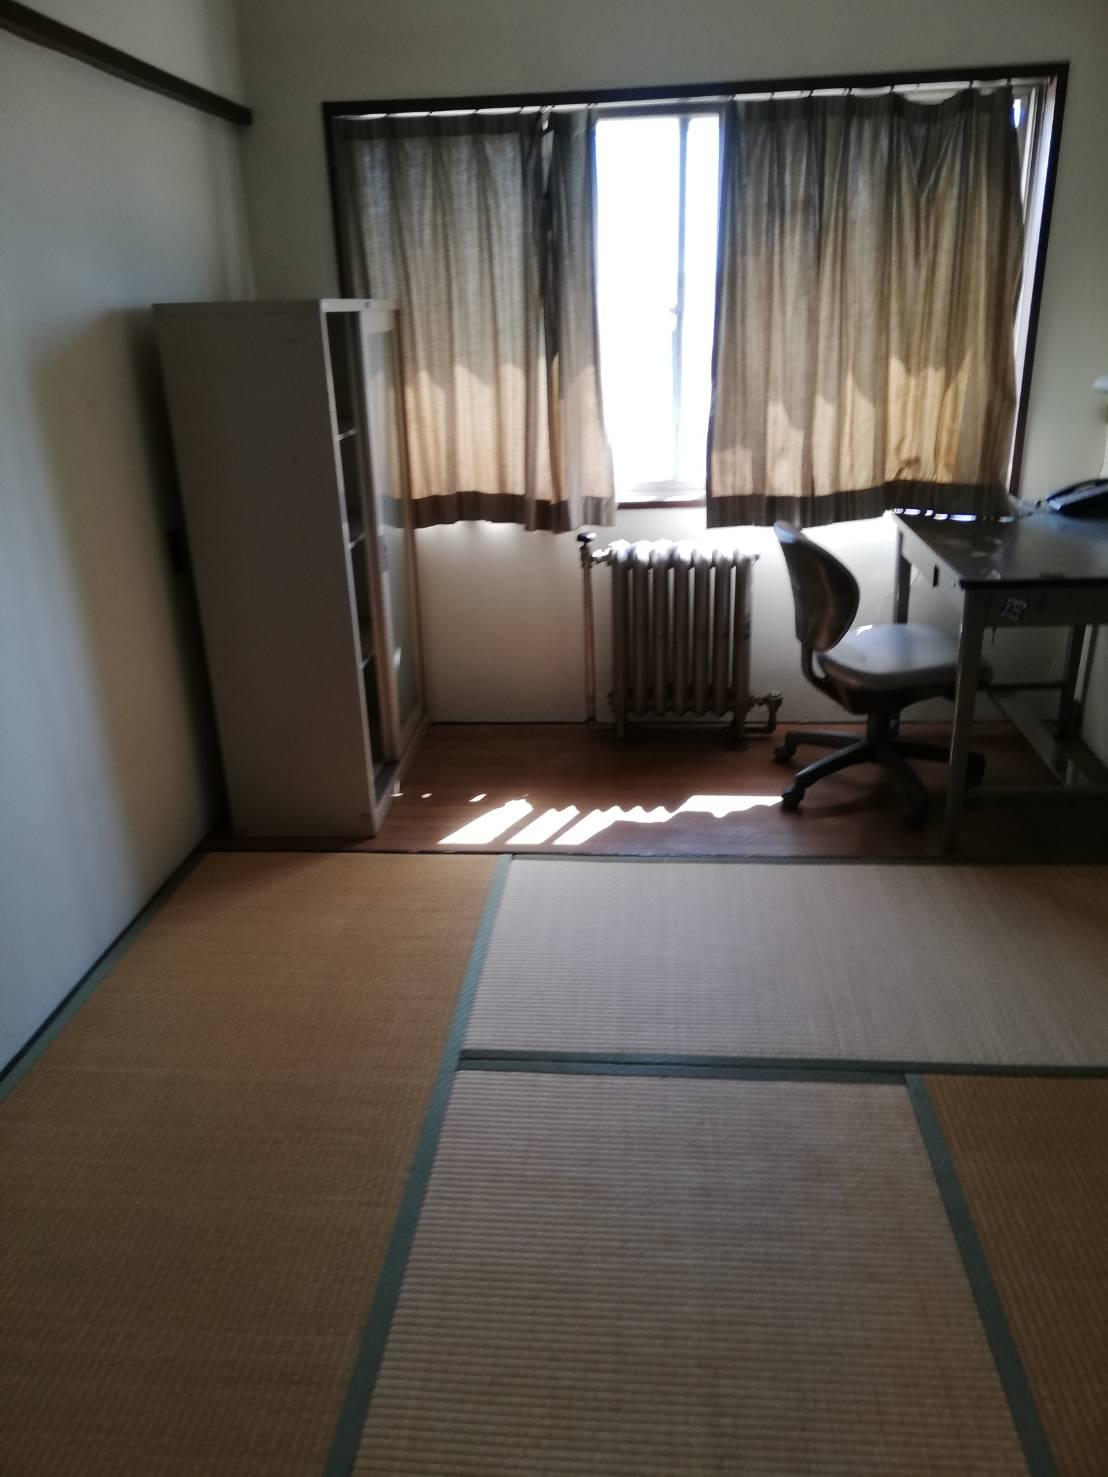 横浜市神奈川区での遺品整理の作業後